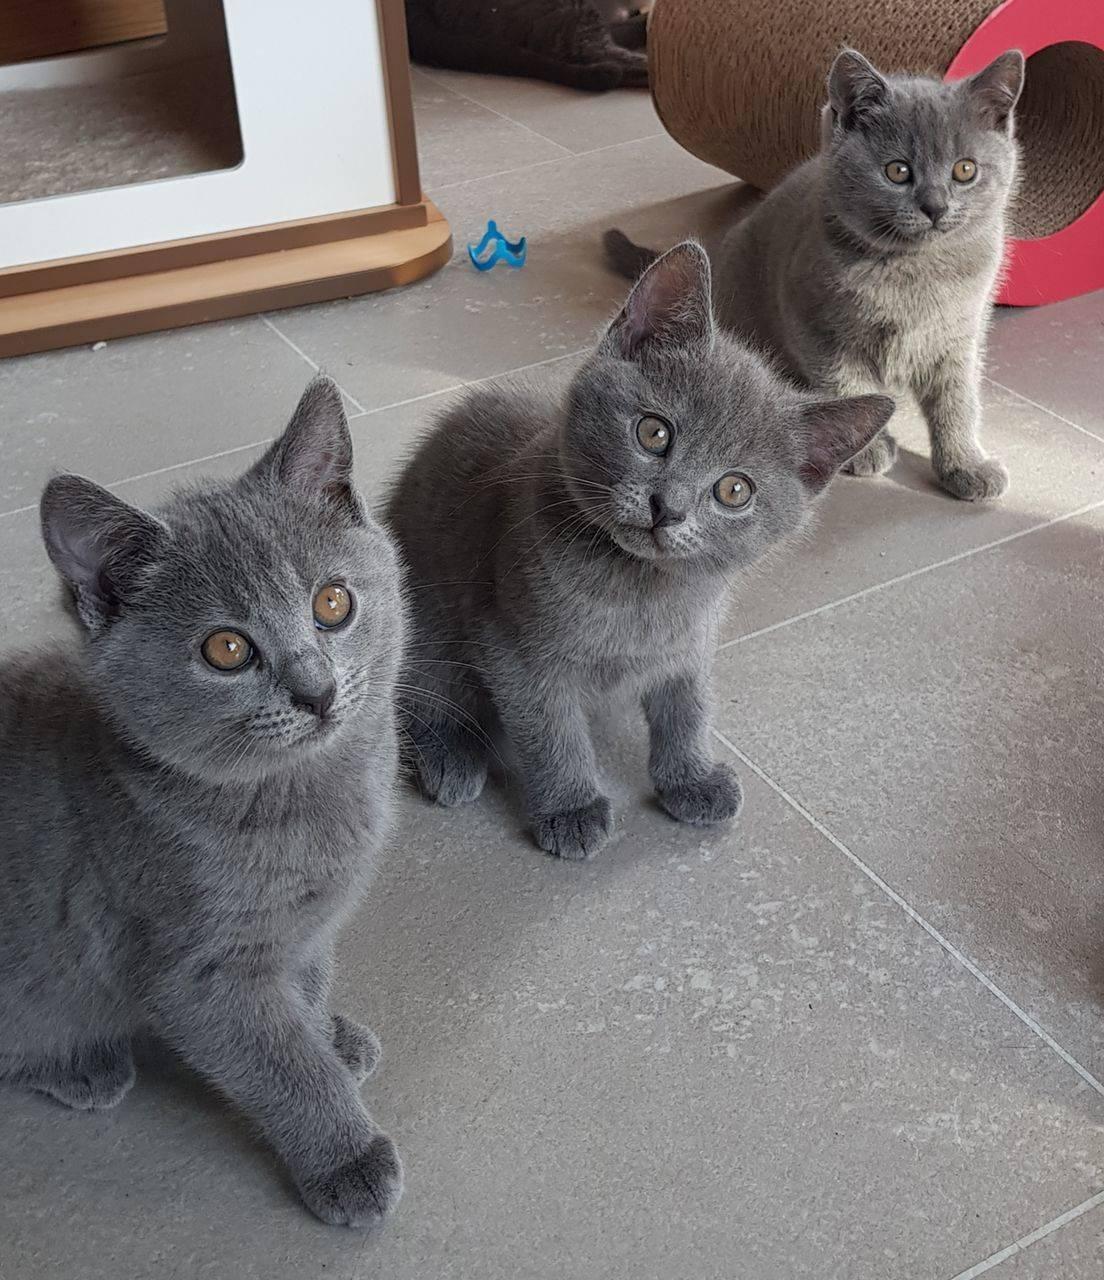 Приметы про цвет кошки: черепаховая, черно-белая, с разными глазами